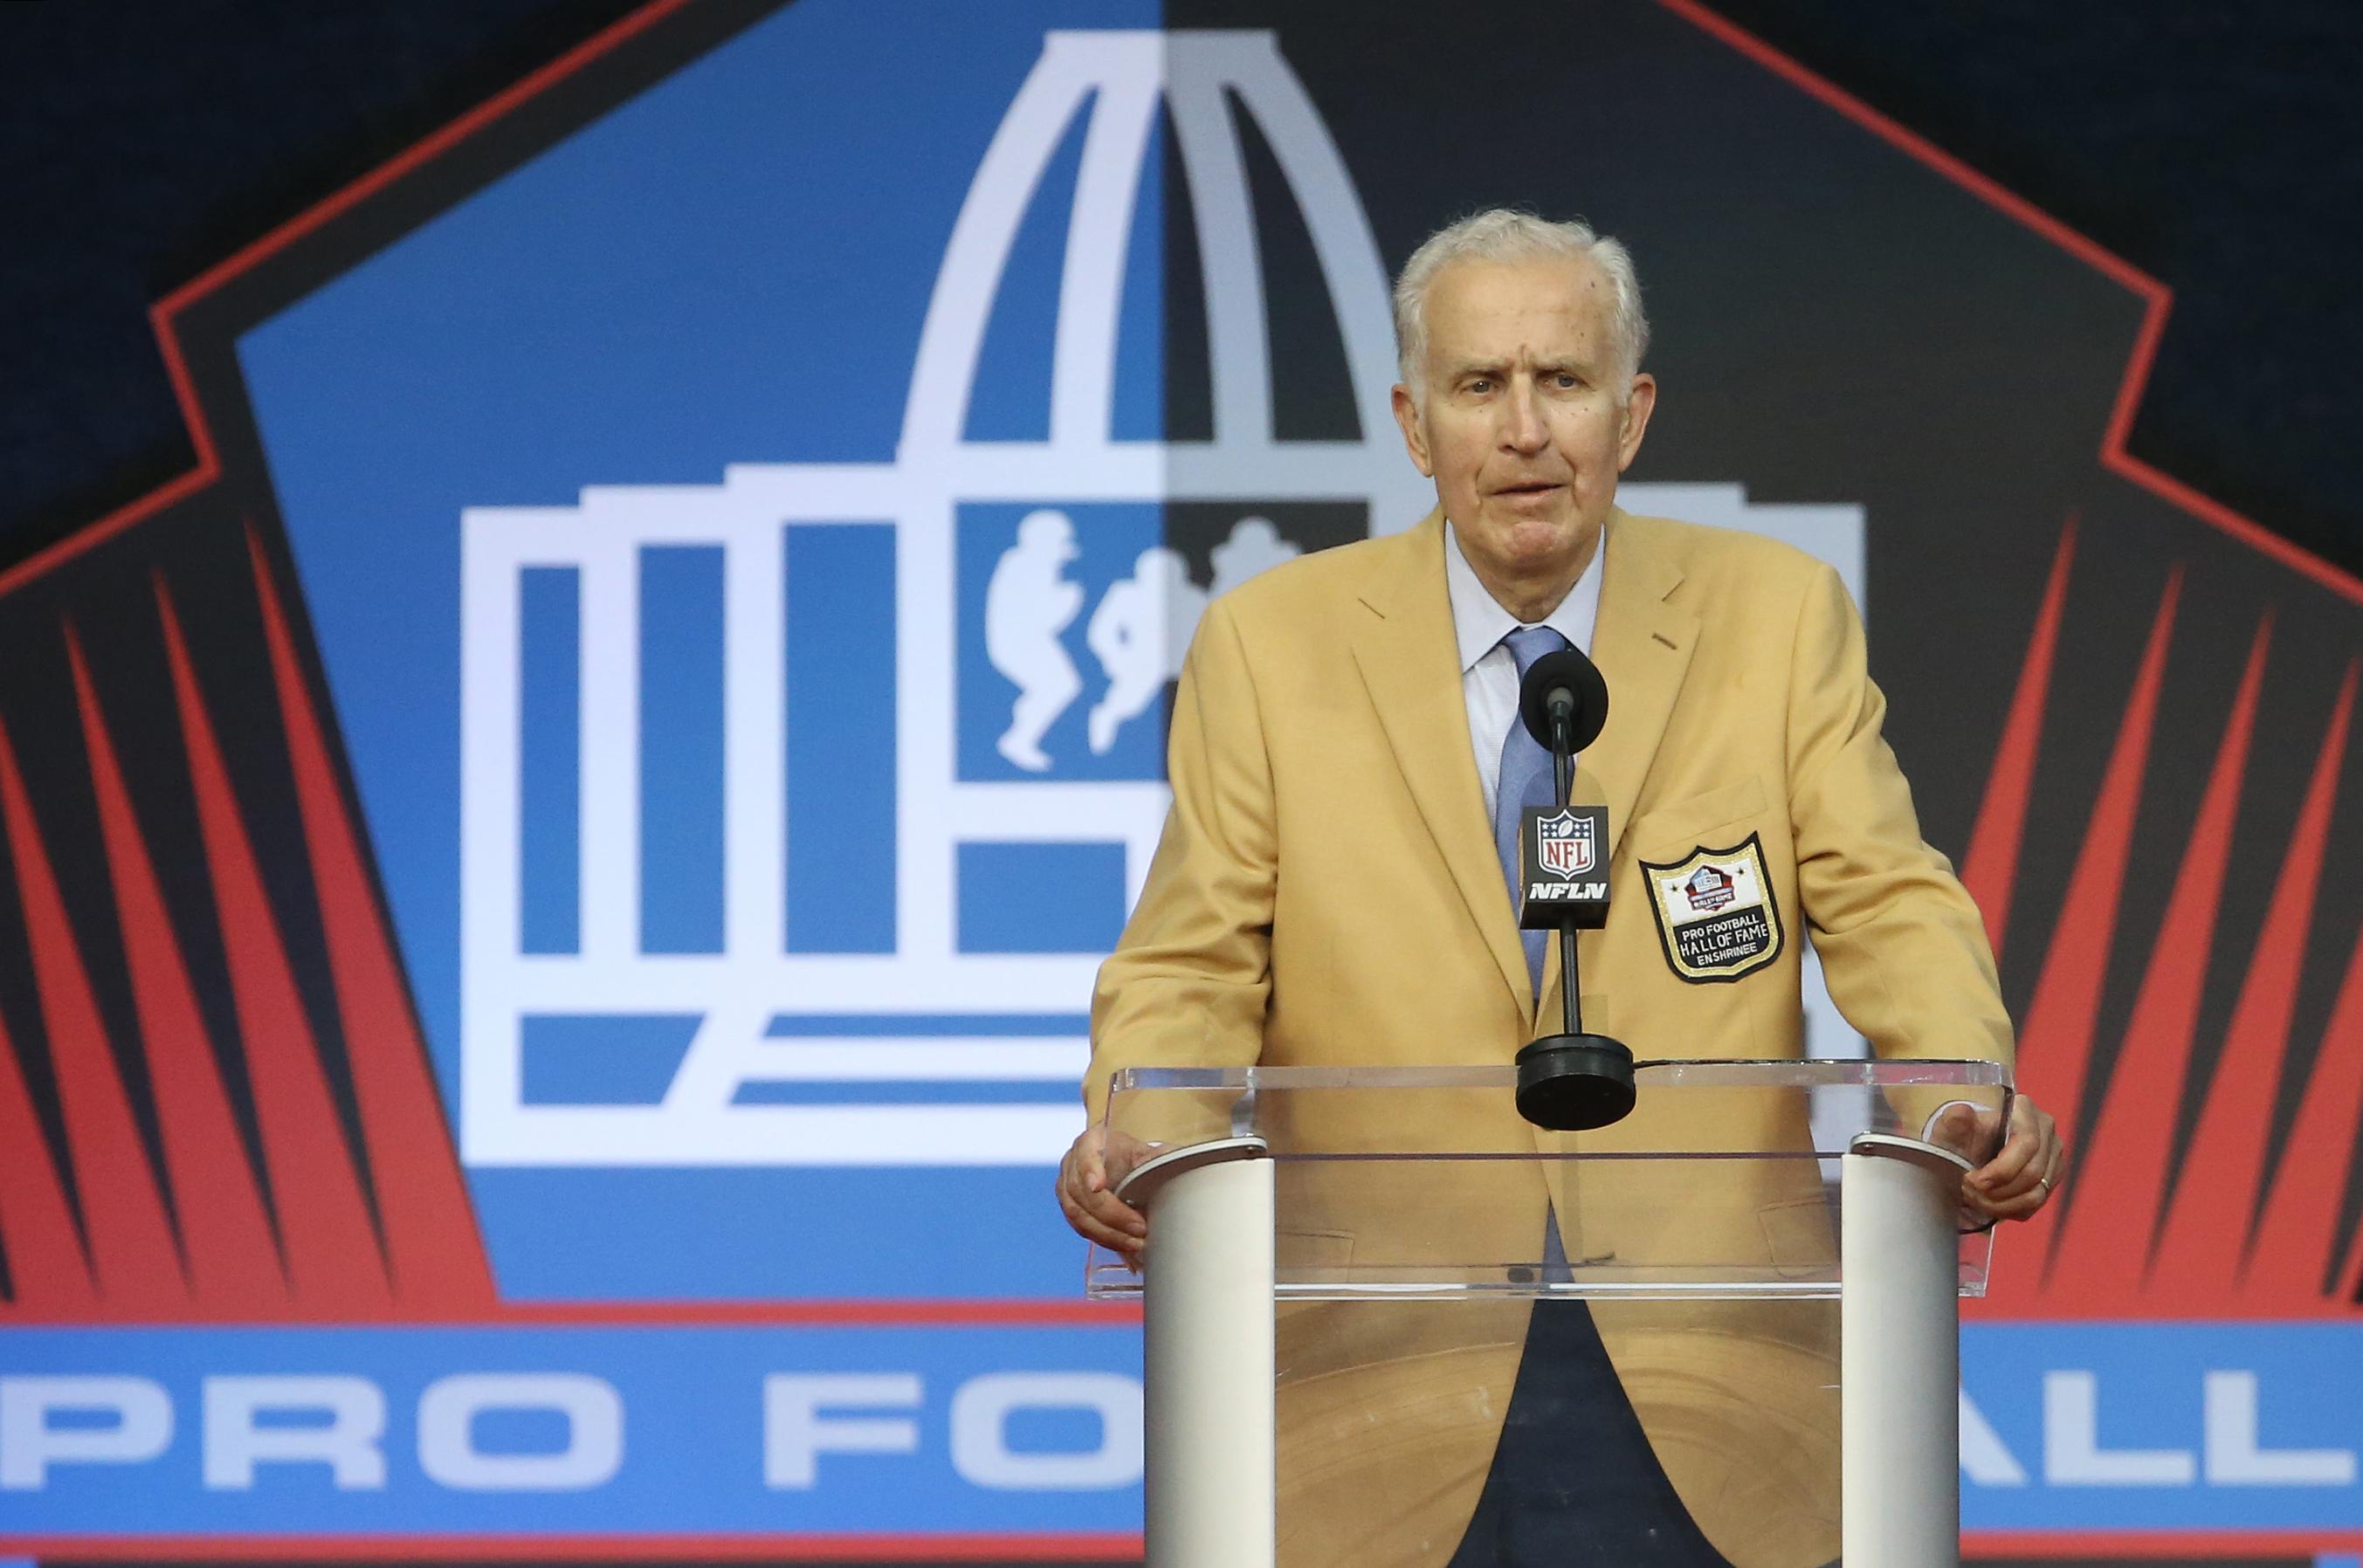 NFL: Hall of Fame 2020 Enshrinement